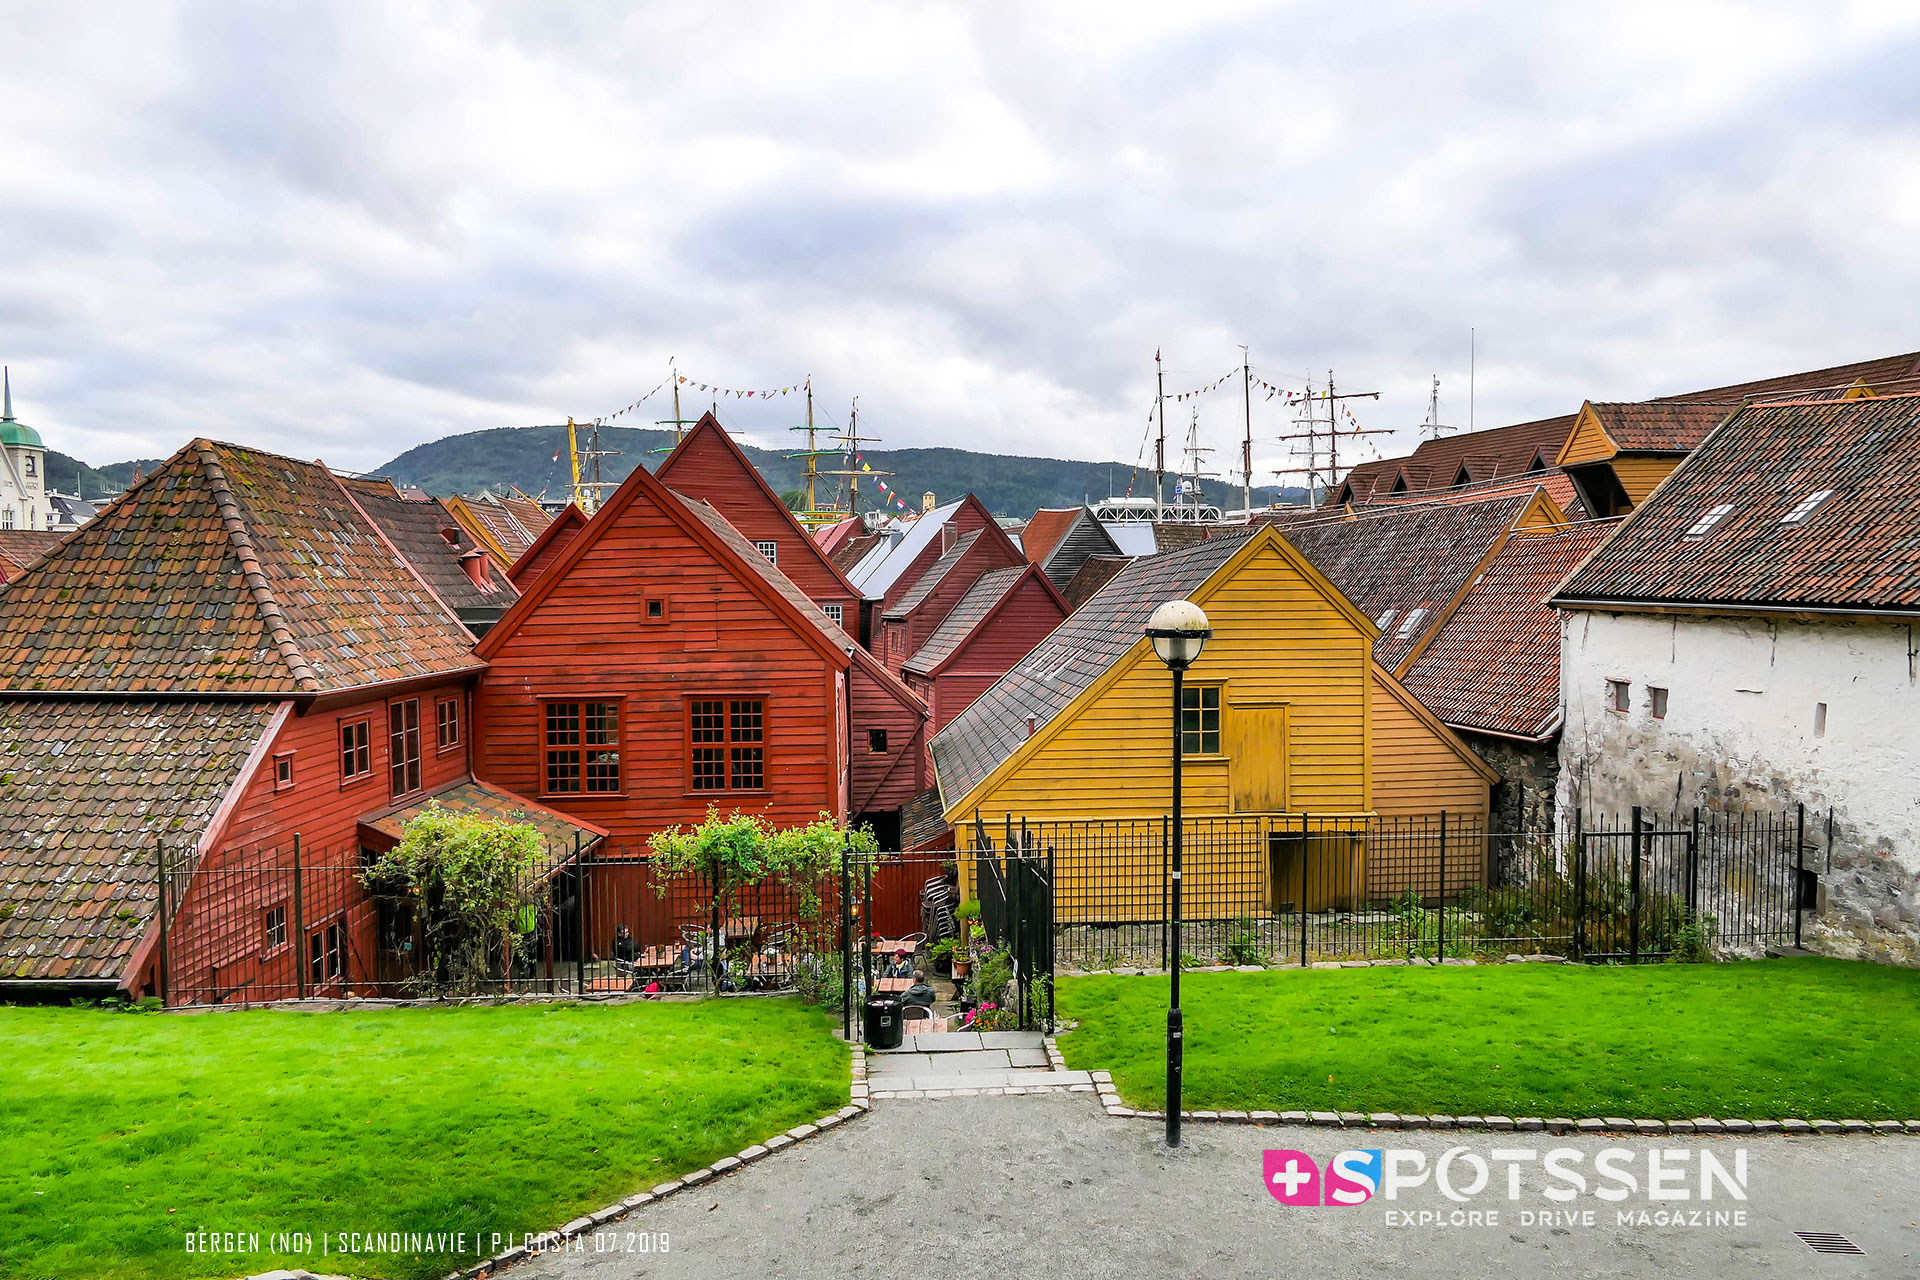 2019, bergen, norvège, scandinavie